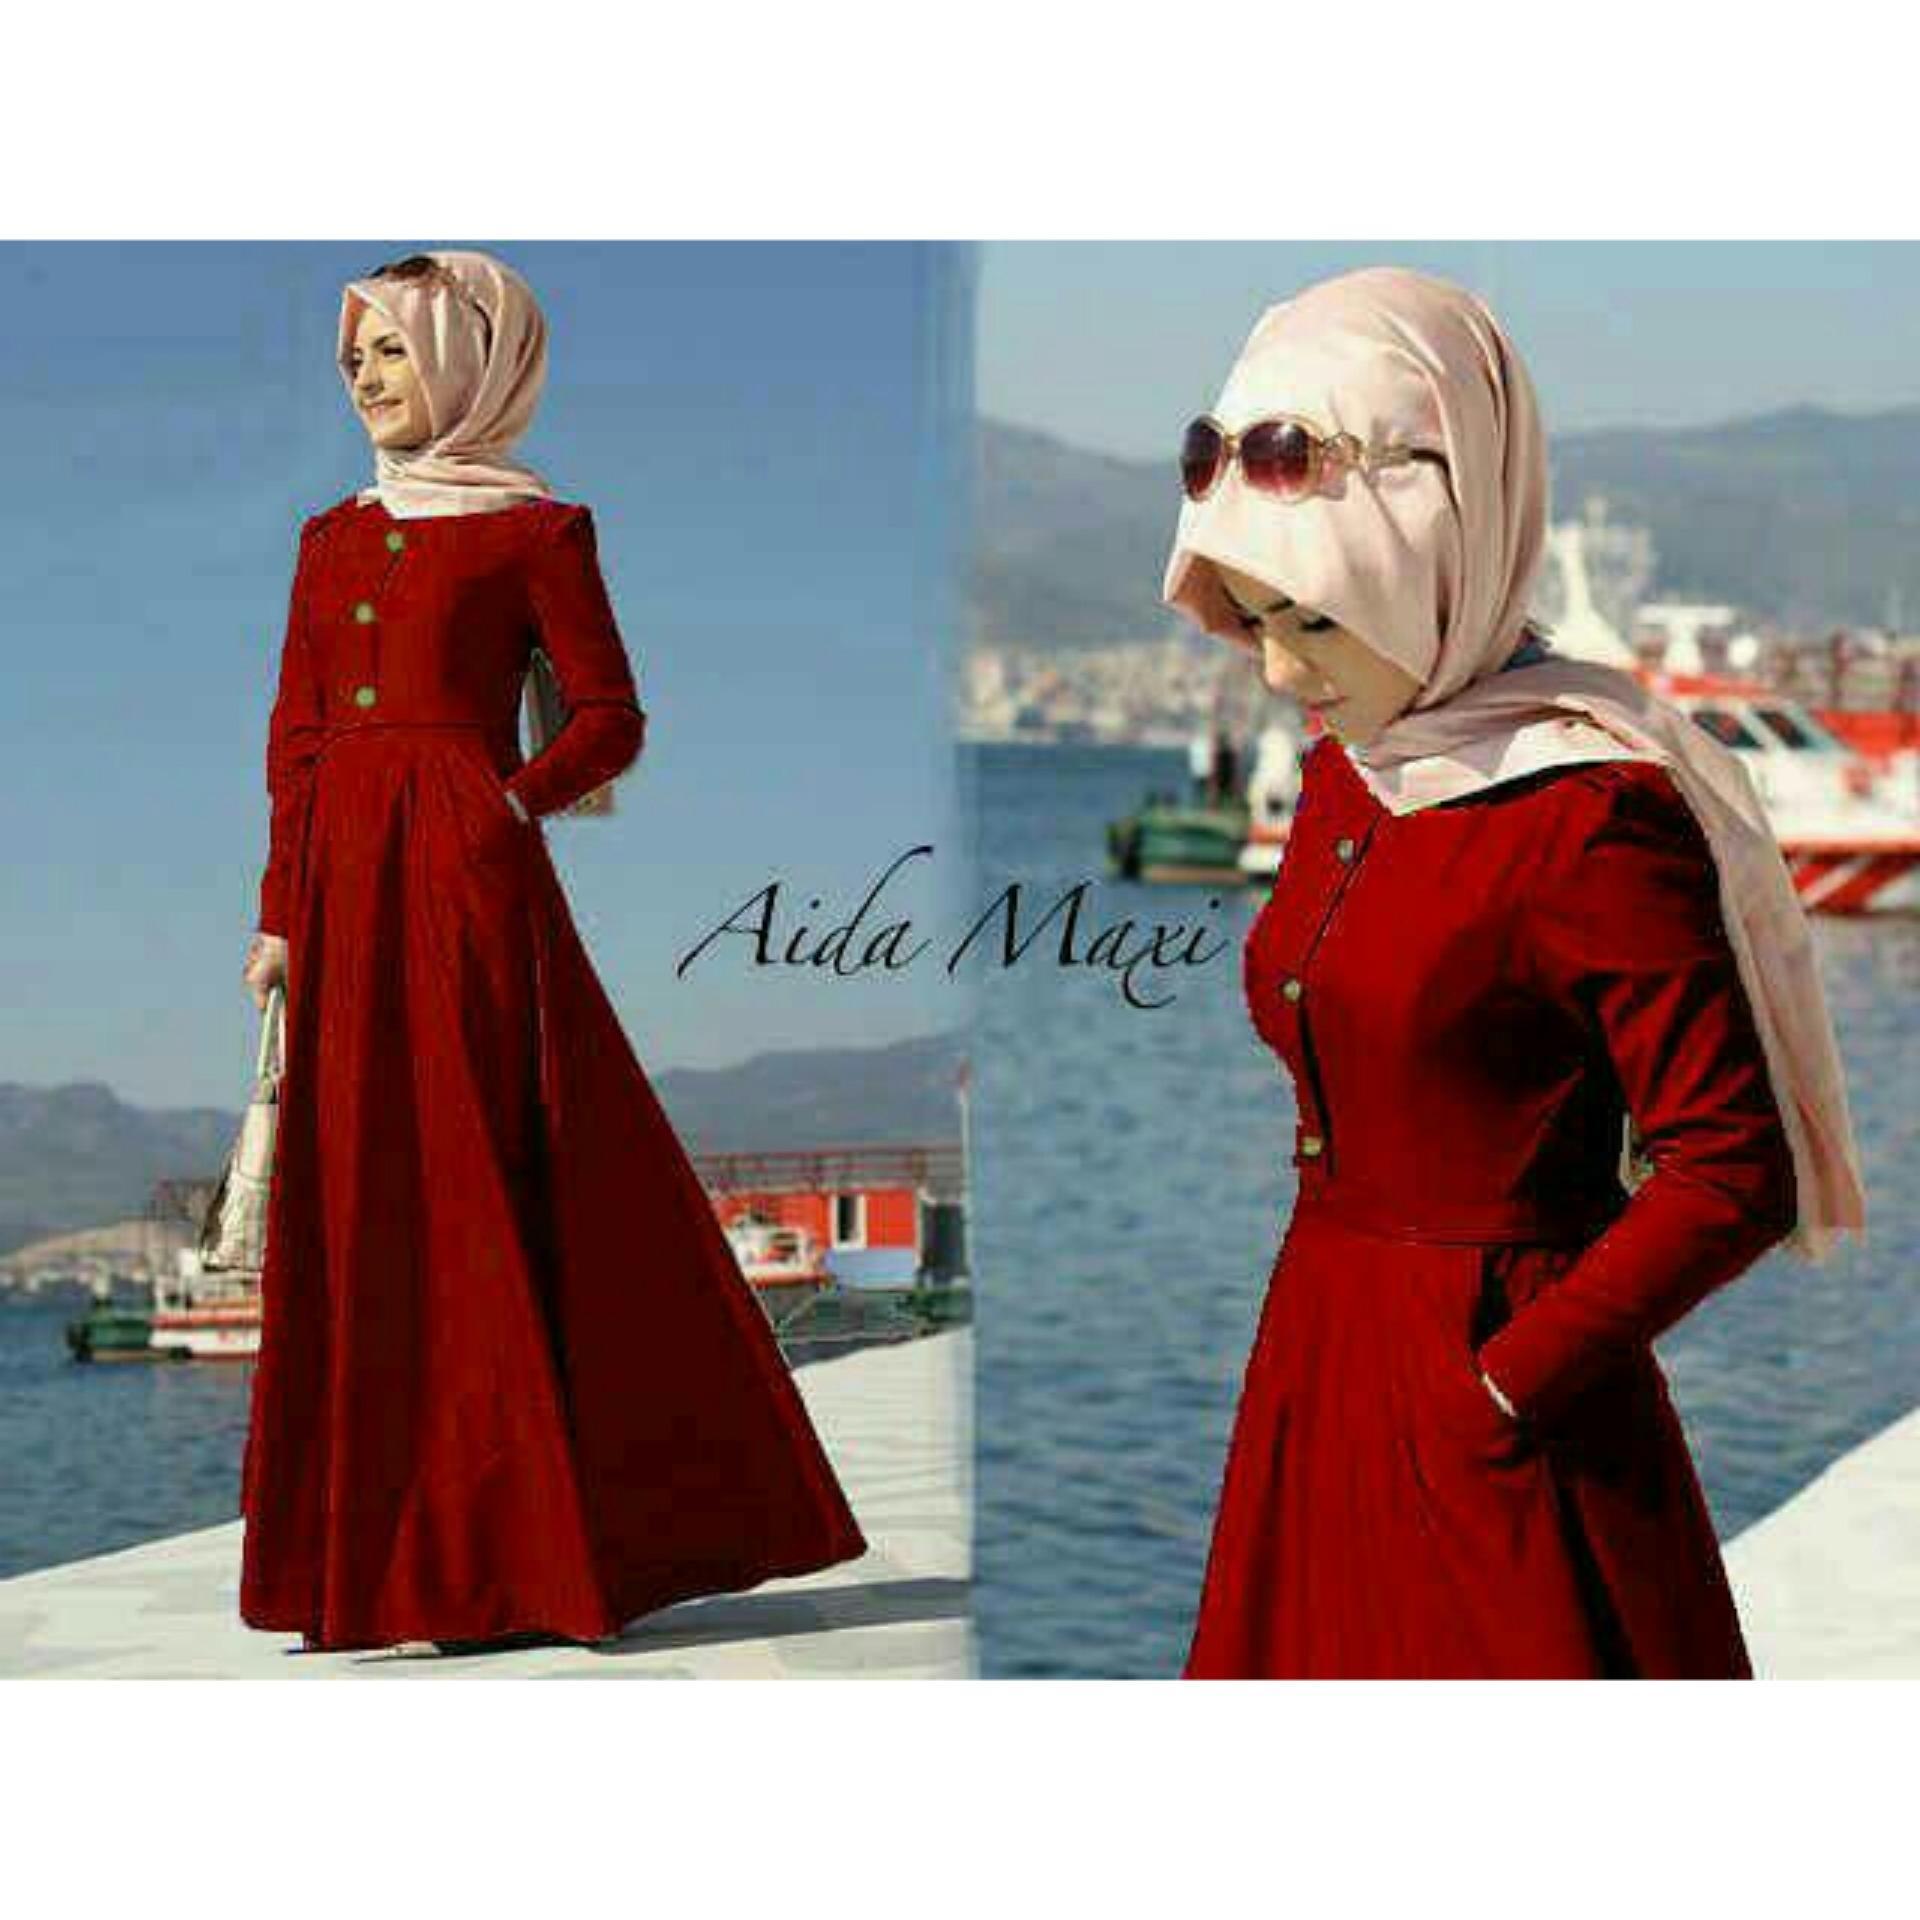 TANAH ABANG F - Baju Trend Wanita / Setelan Blouse/ Kemeja wanita / Long Dress Maxy / Long Dress Wanita / Gaun Panjang/Gaun Wanita / Tunik Wanita / Dress Muslim / Atasan Muslim / Gamis ; Murah; Motif dan Warna Real Photo #Ukuran M, L dan XL